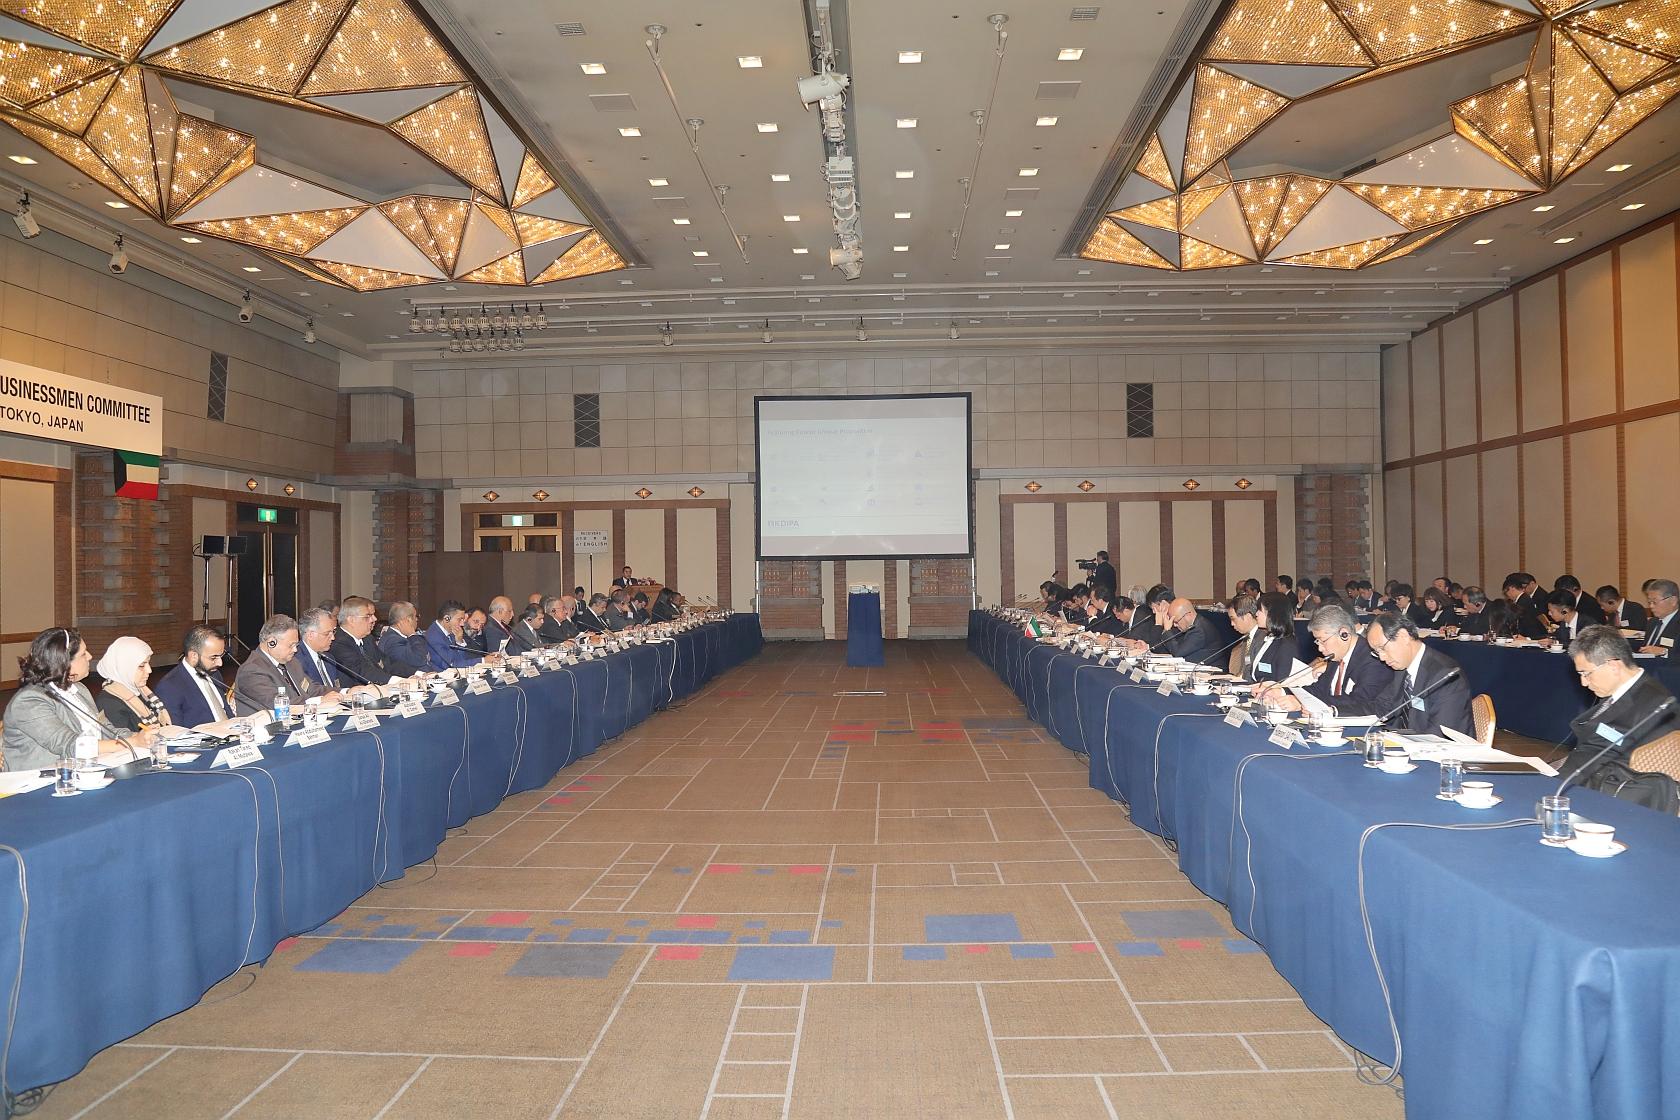 كونا : Kuwaiti-Japanese businessmen discuss investment, joint